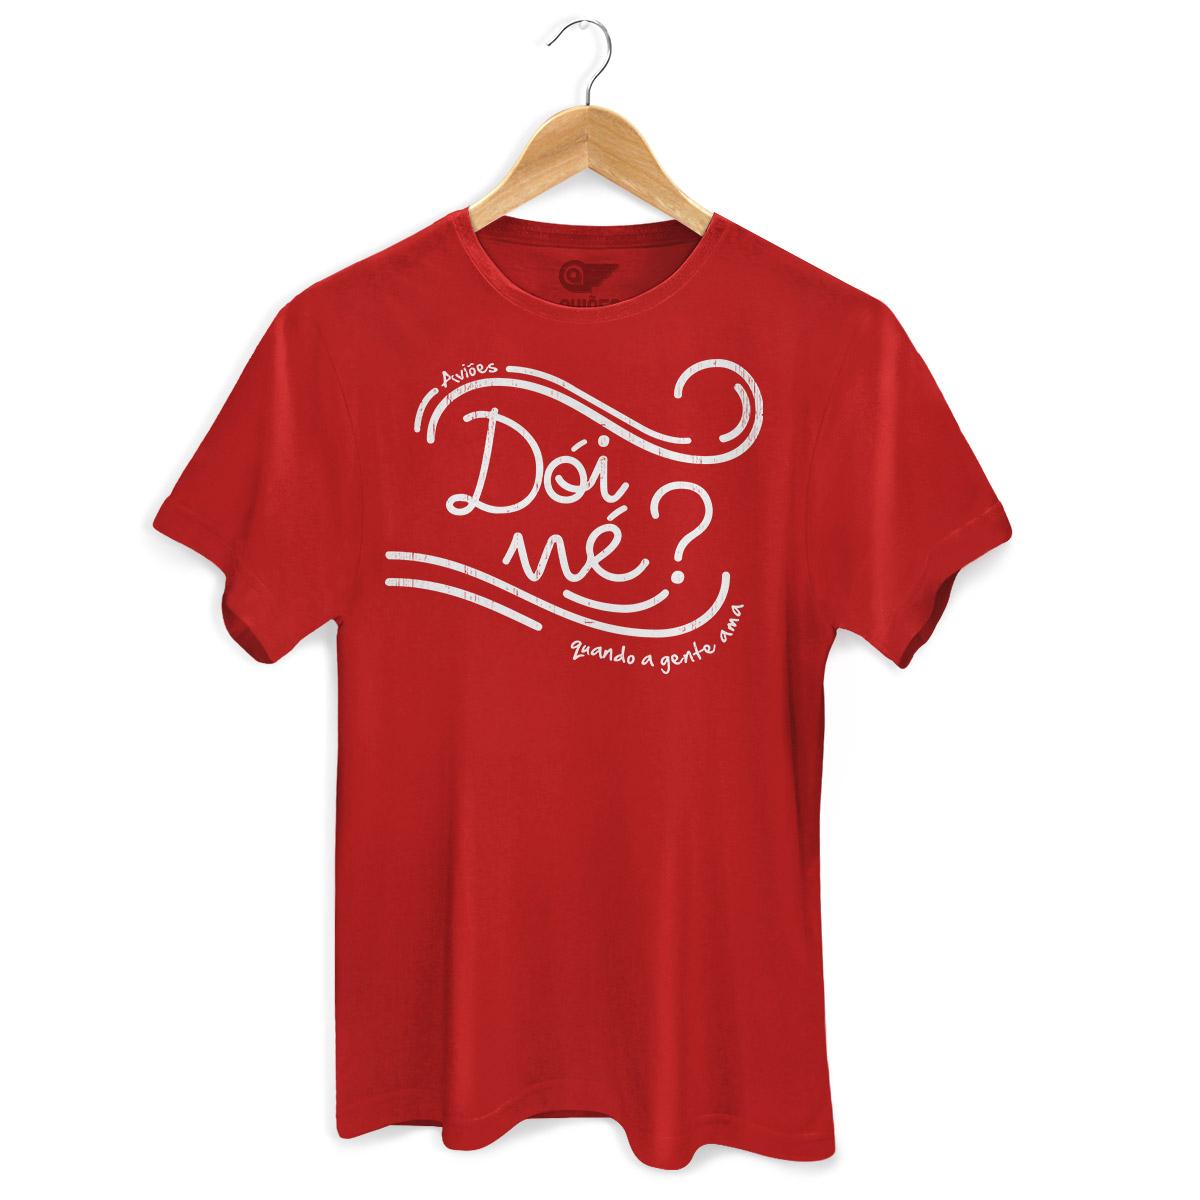 Camiseta Masculina Aviões do Forró Dói Né?